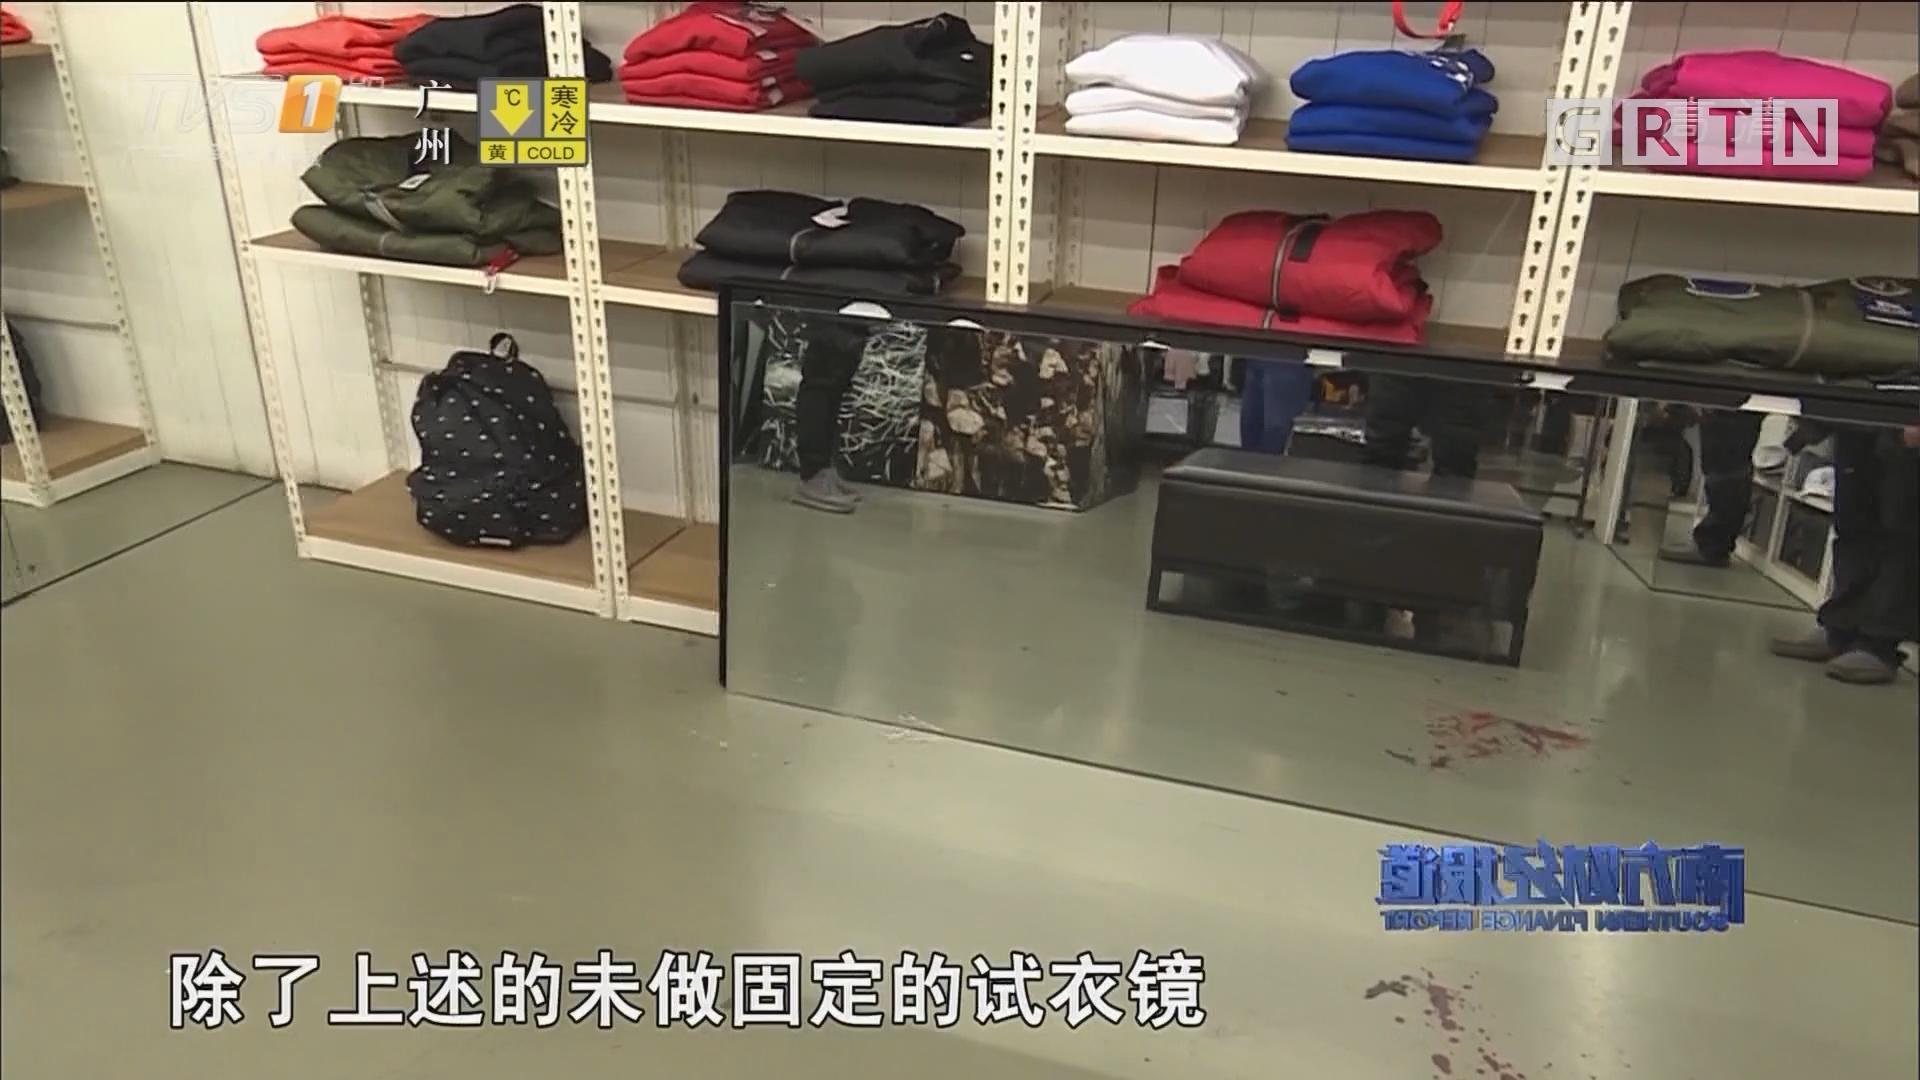 试衣镜砸死6岁女孩 盘点商城潜在危险点